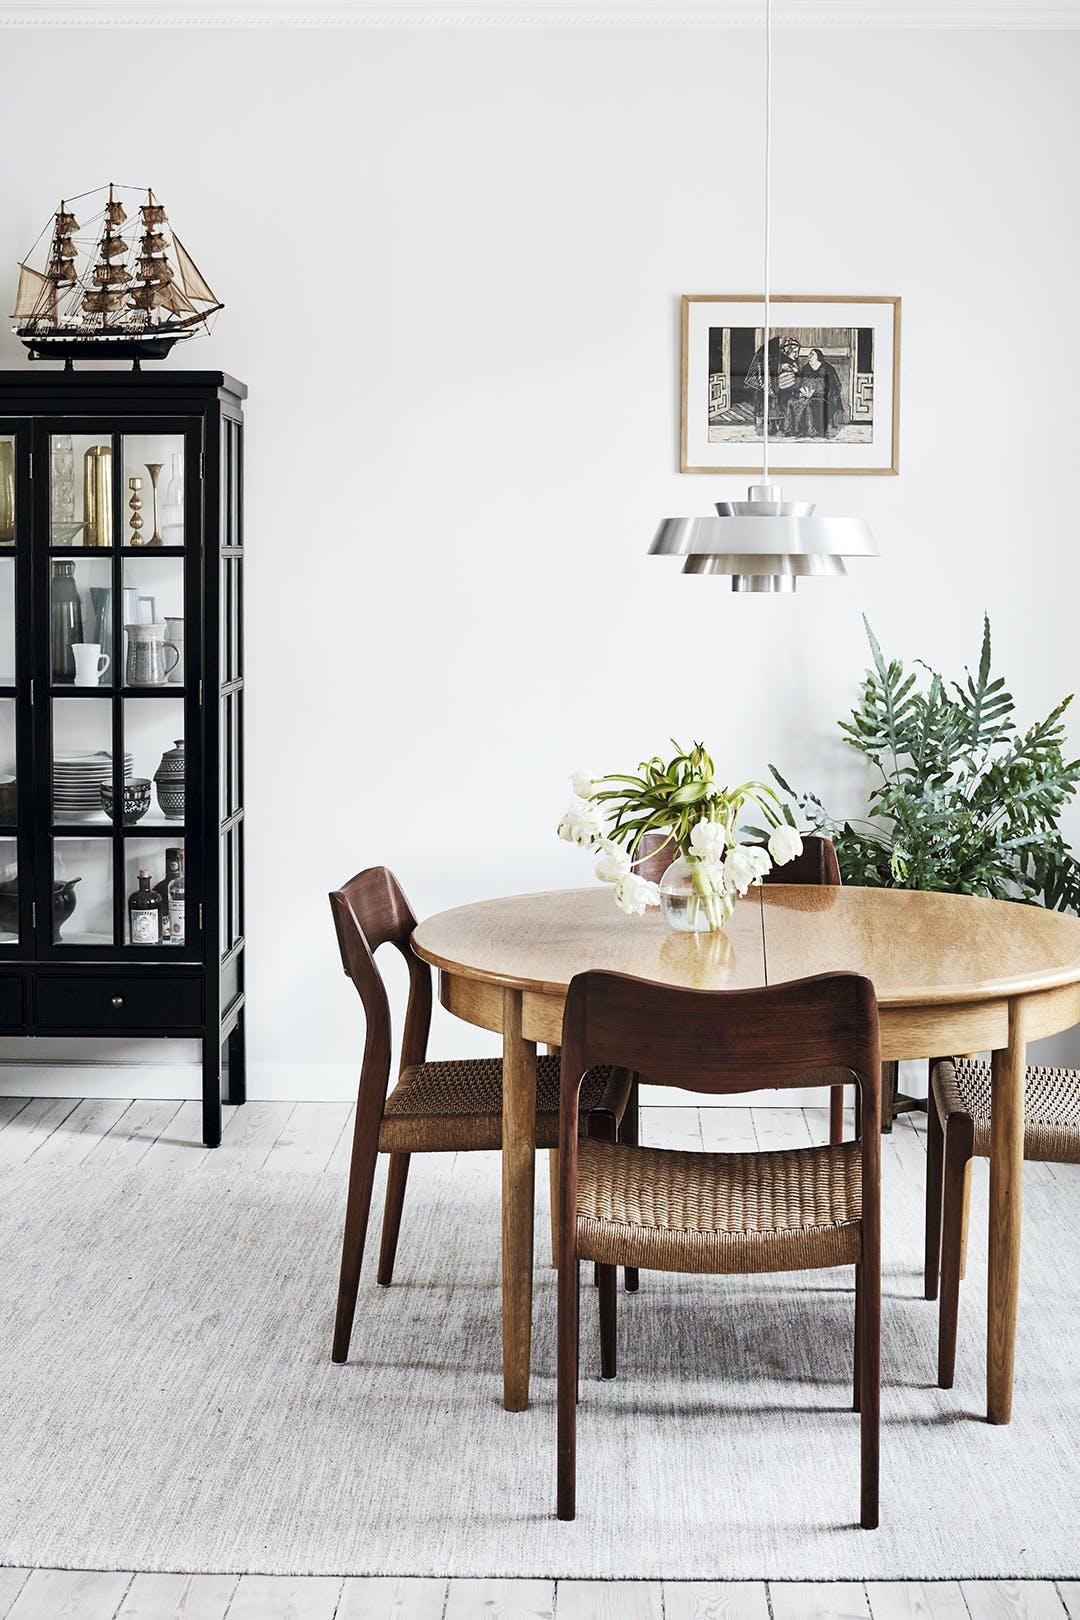 Kikk inn hjemmet hvor bæredyktighet står i sentrum